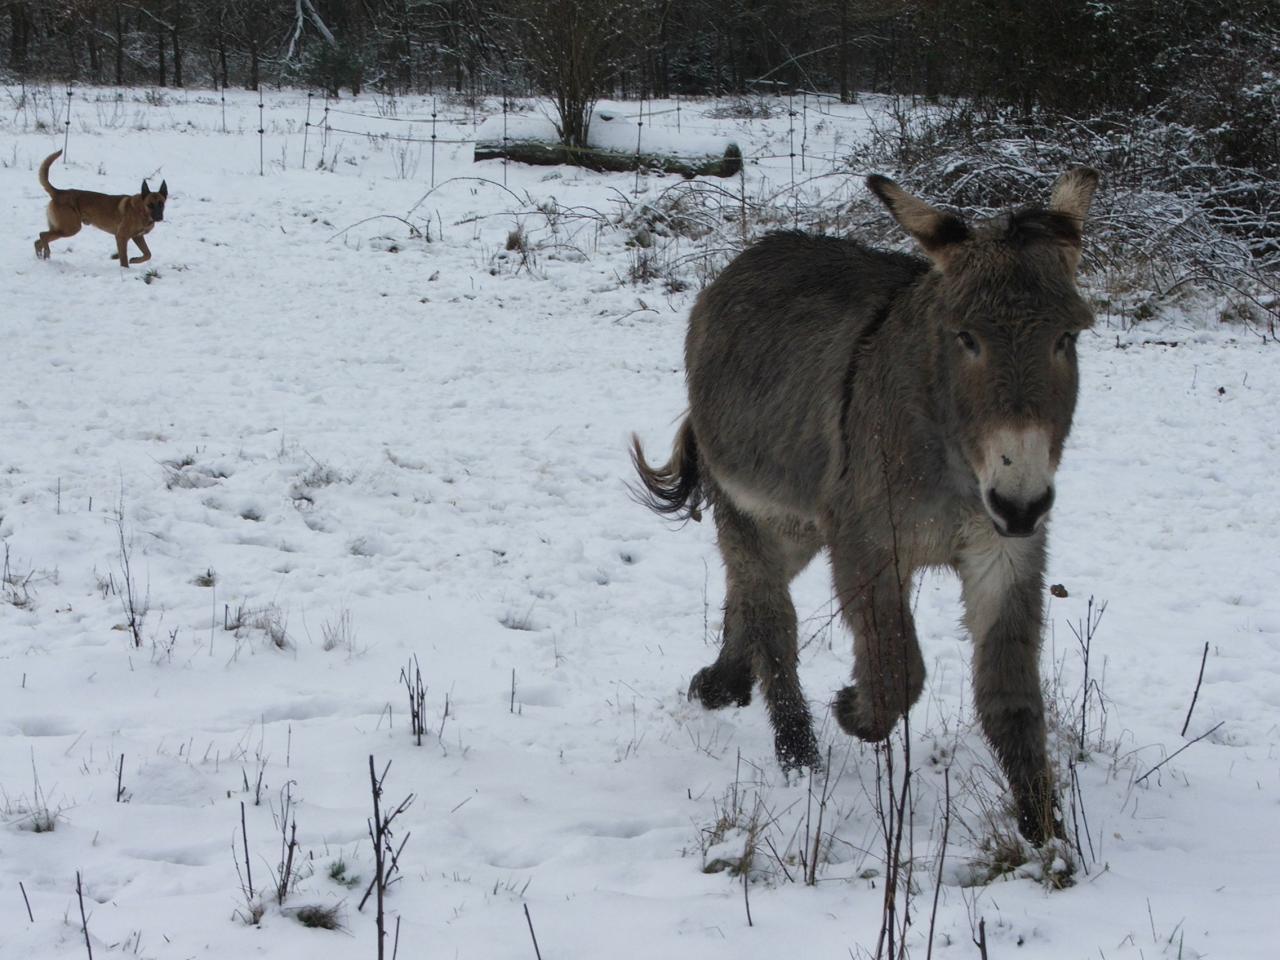 Qu'est ce qu'on s'amuse dans la neige, attention au dérapage!